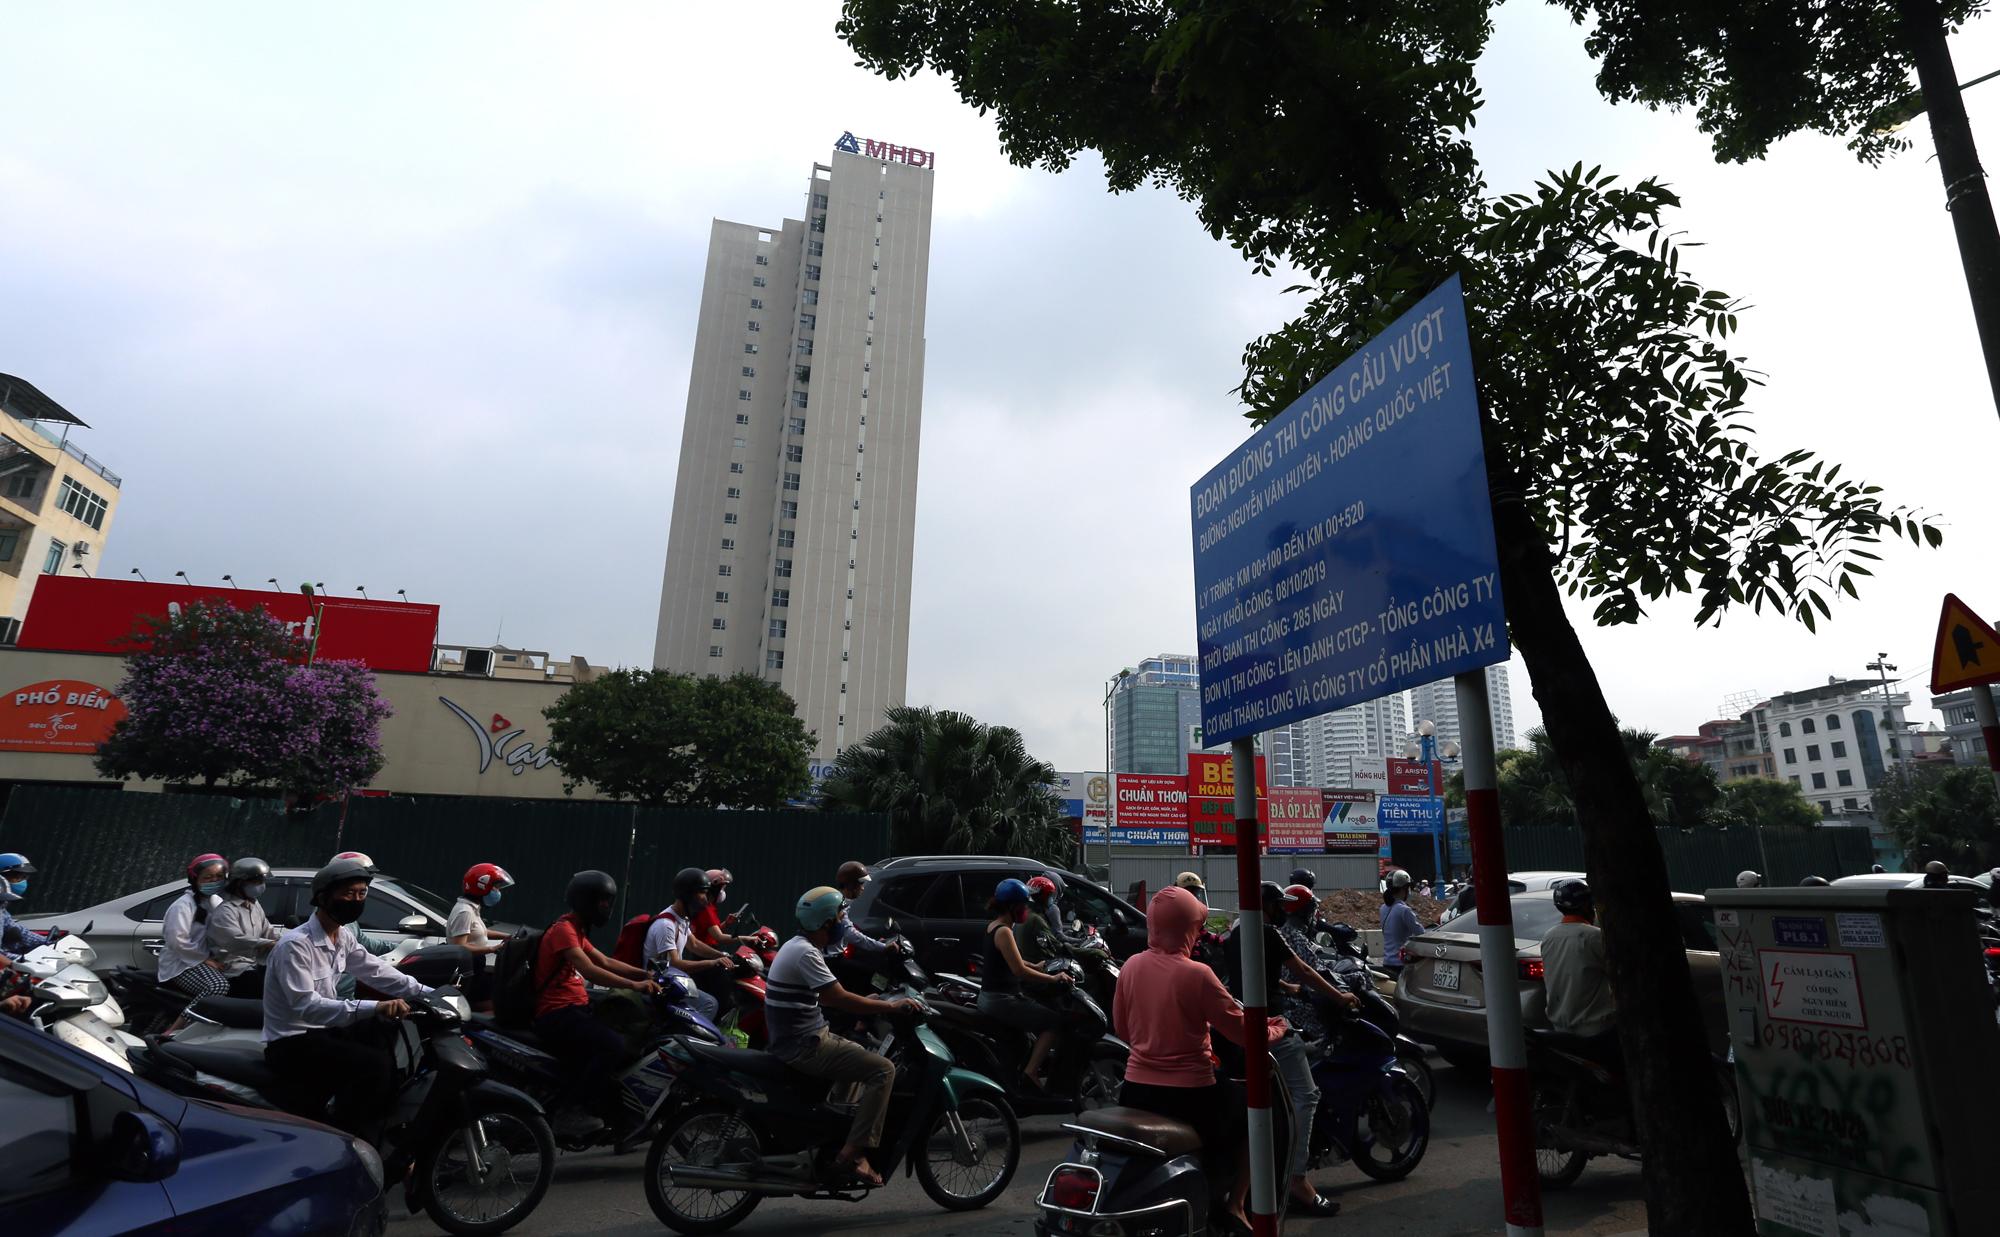 Chật vật qua nút giao Hoàng Quốc Việt - Nguyễn Văn Huyên đang xây cầu vượt - Ảnh 8.